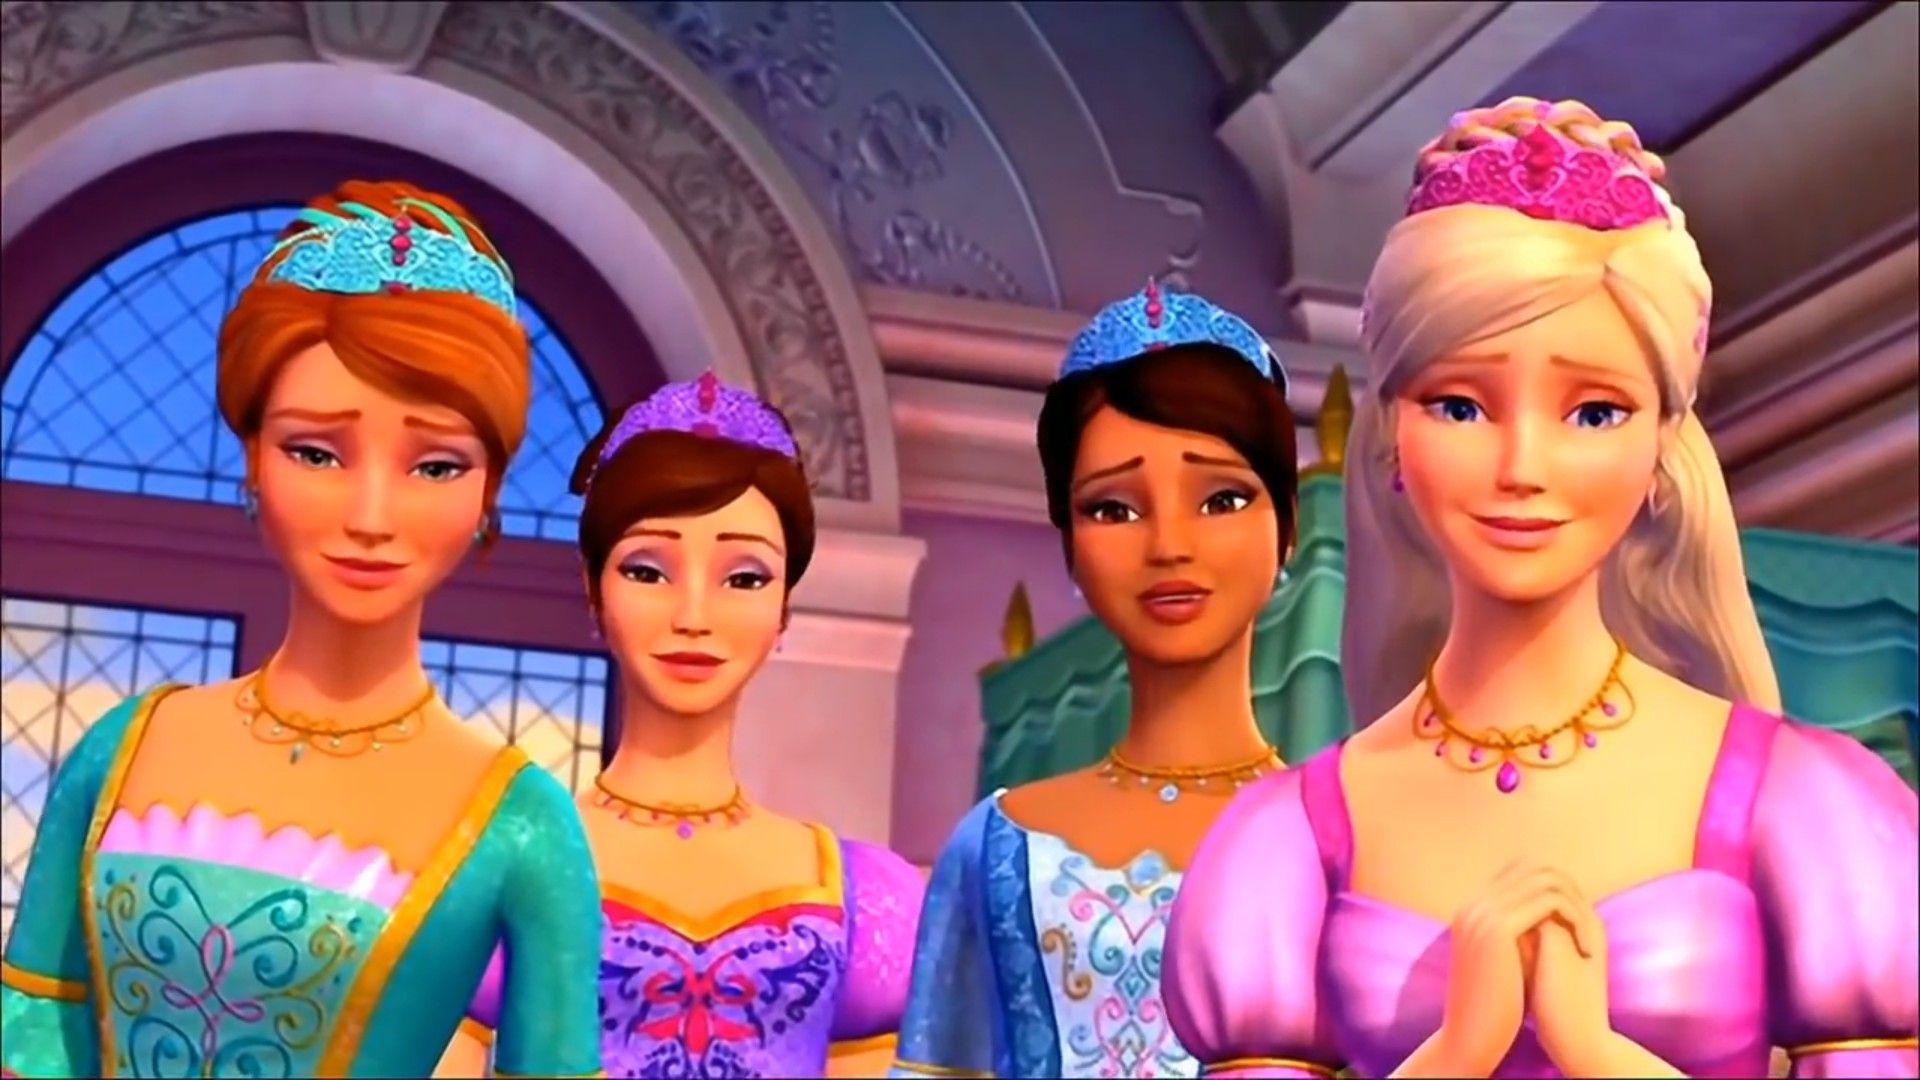 Pin De Ren Em As Quatro Mosqueteiras Filmes Da Barbie Os Tres Mosqueteiros Barbie Princesa